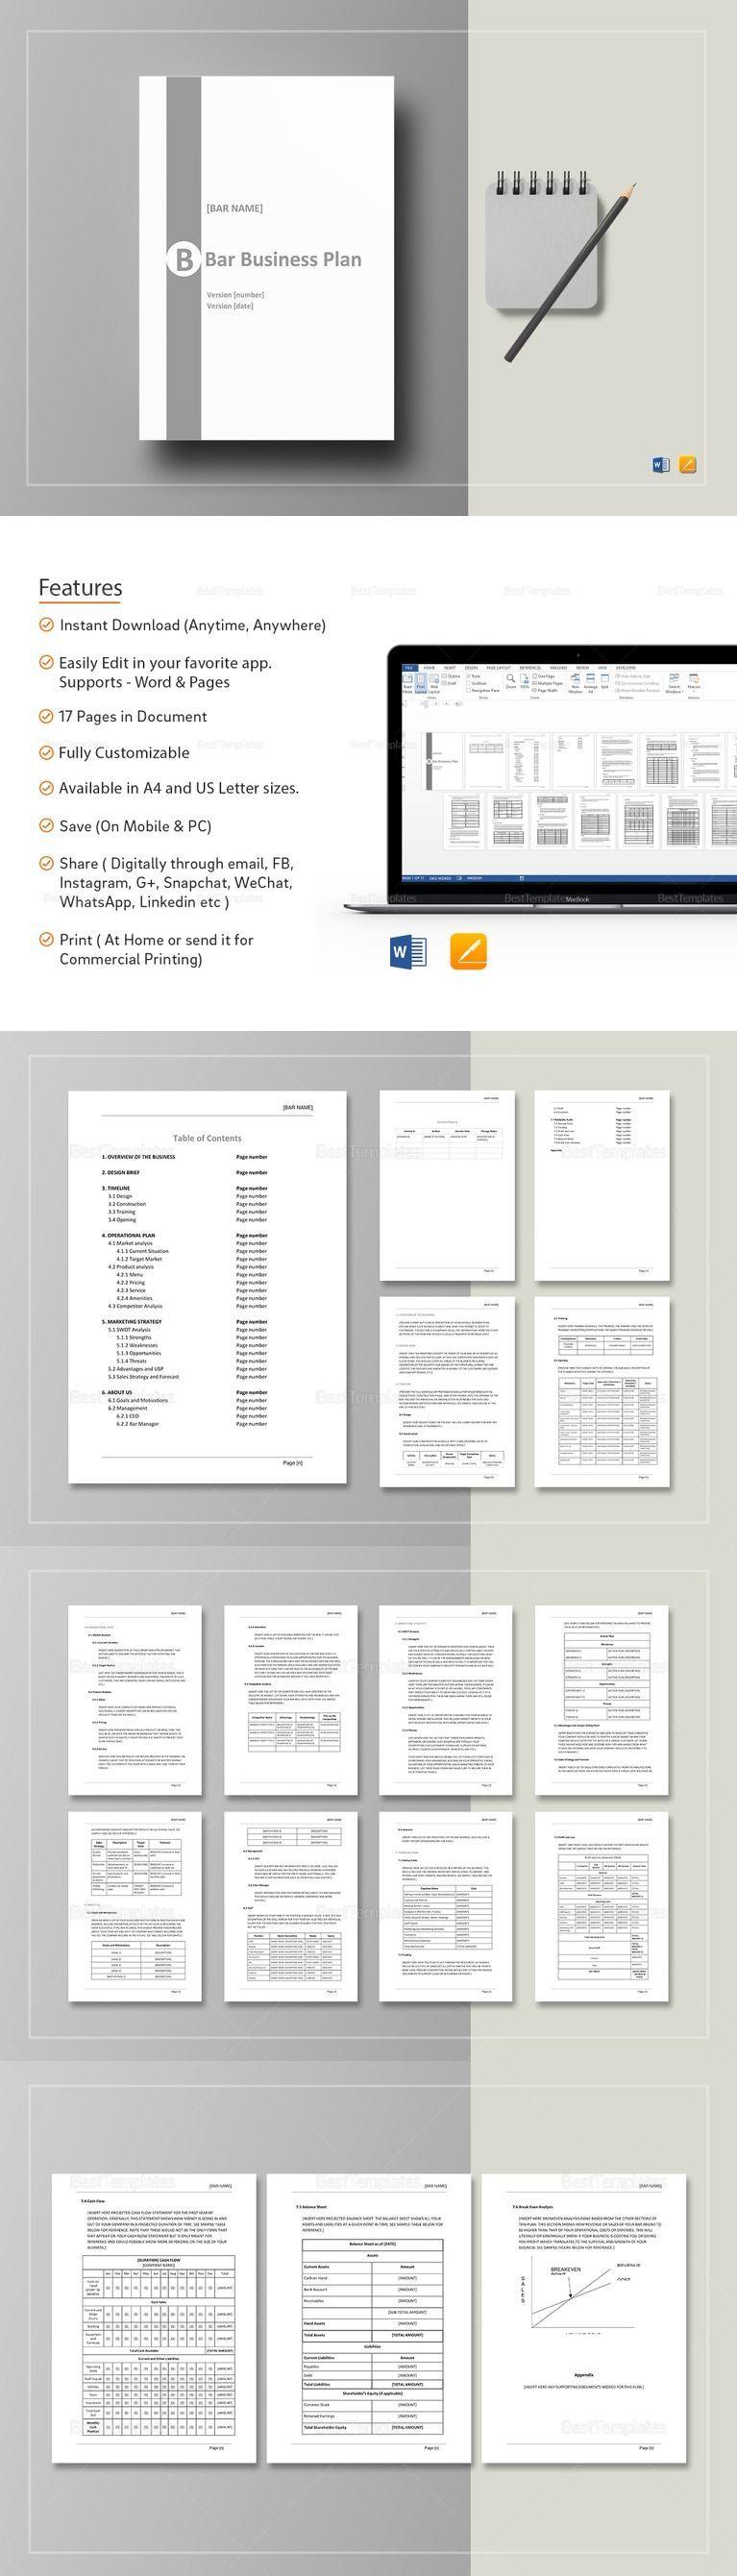 Bar Business Plan Template Business plan template